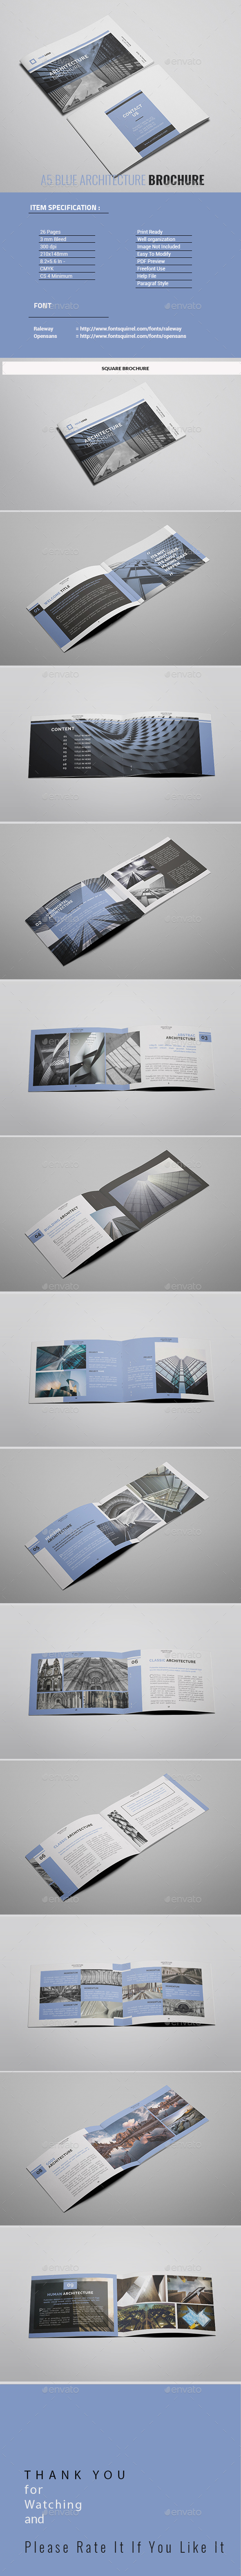 A5 Blue Architecture Brochure - Portfolio Brochures